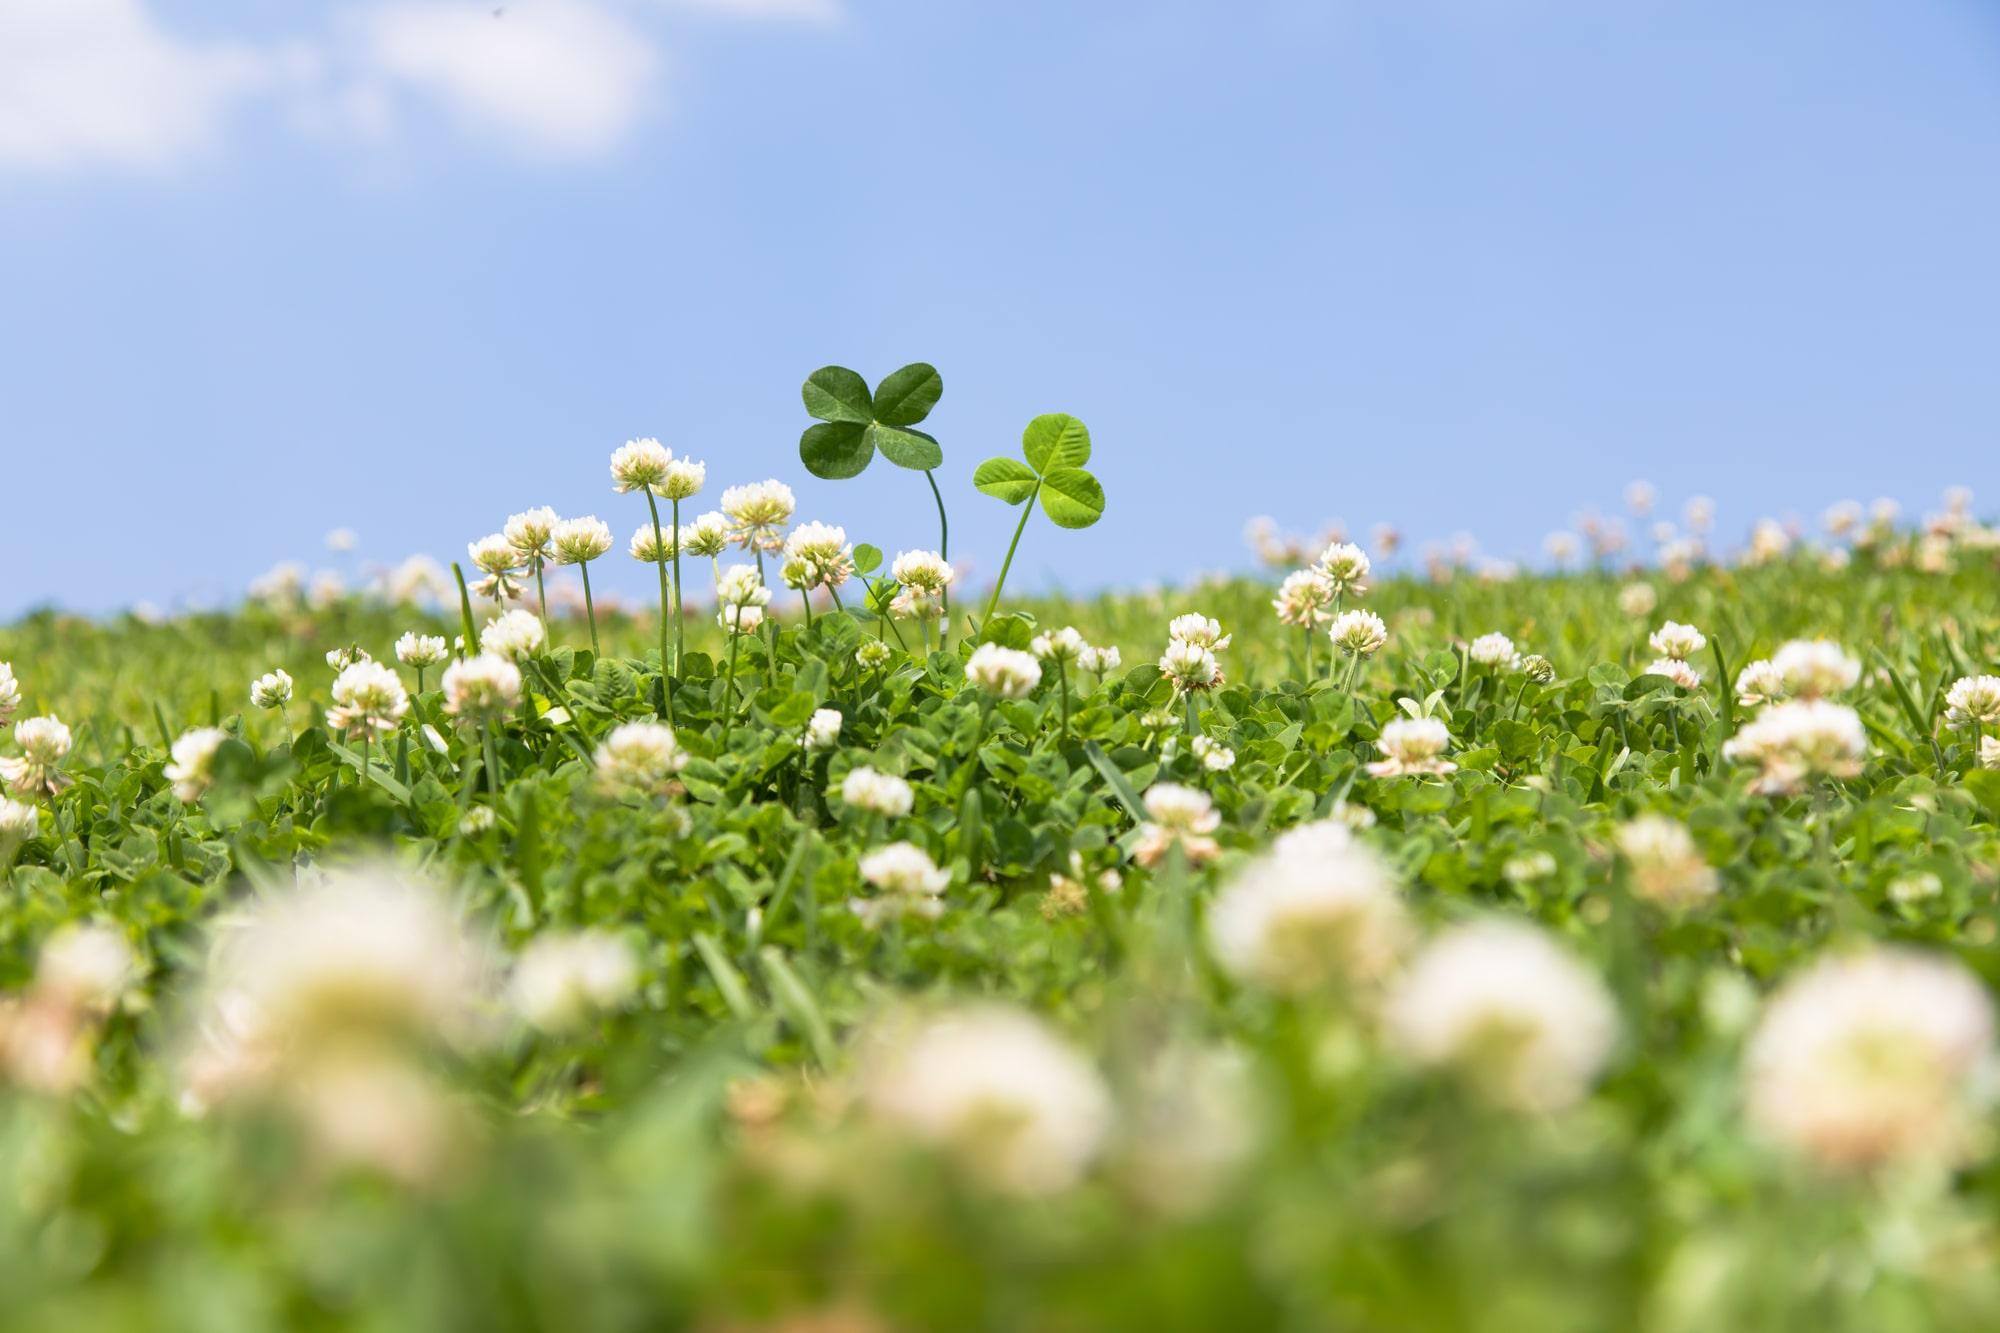 見た目や花言葉だけじゃない!クローバー・四つ葉の魅力と不思議 イメージ